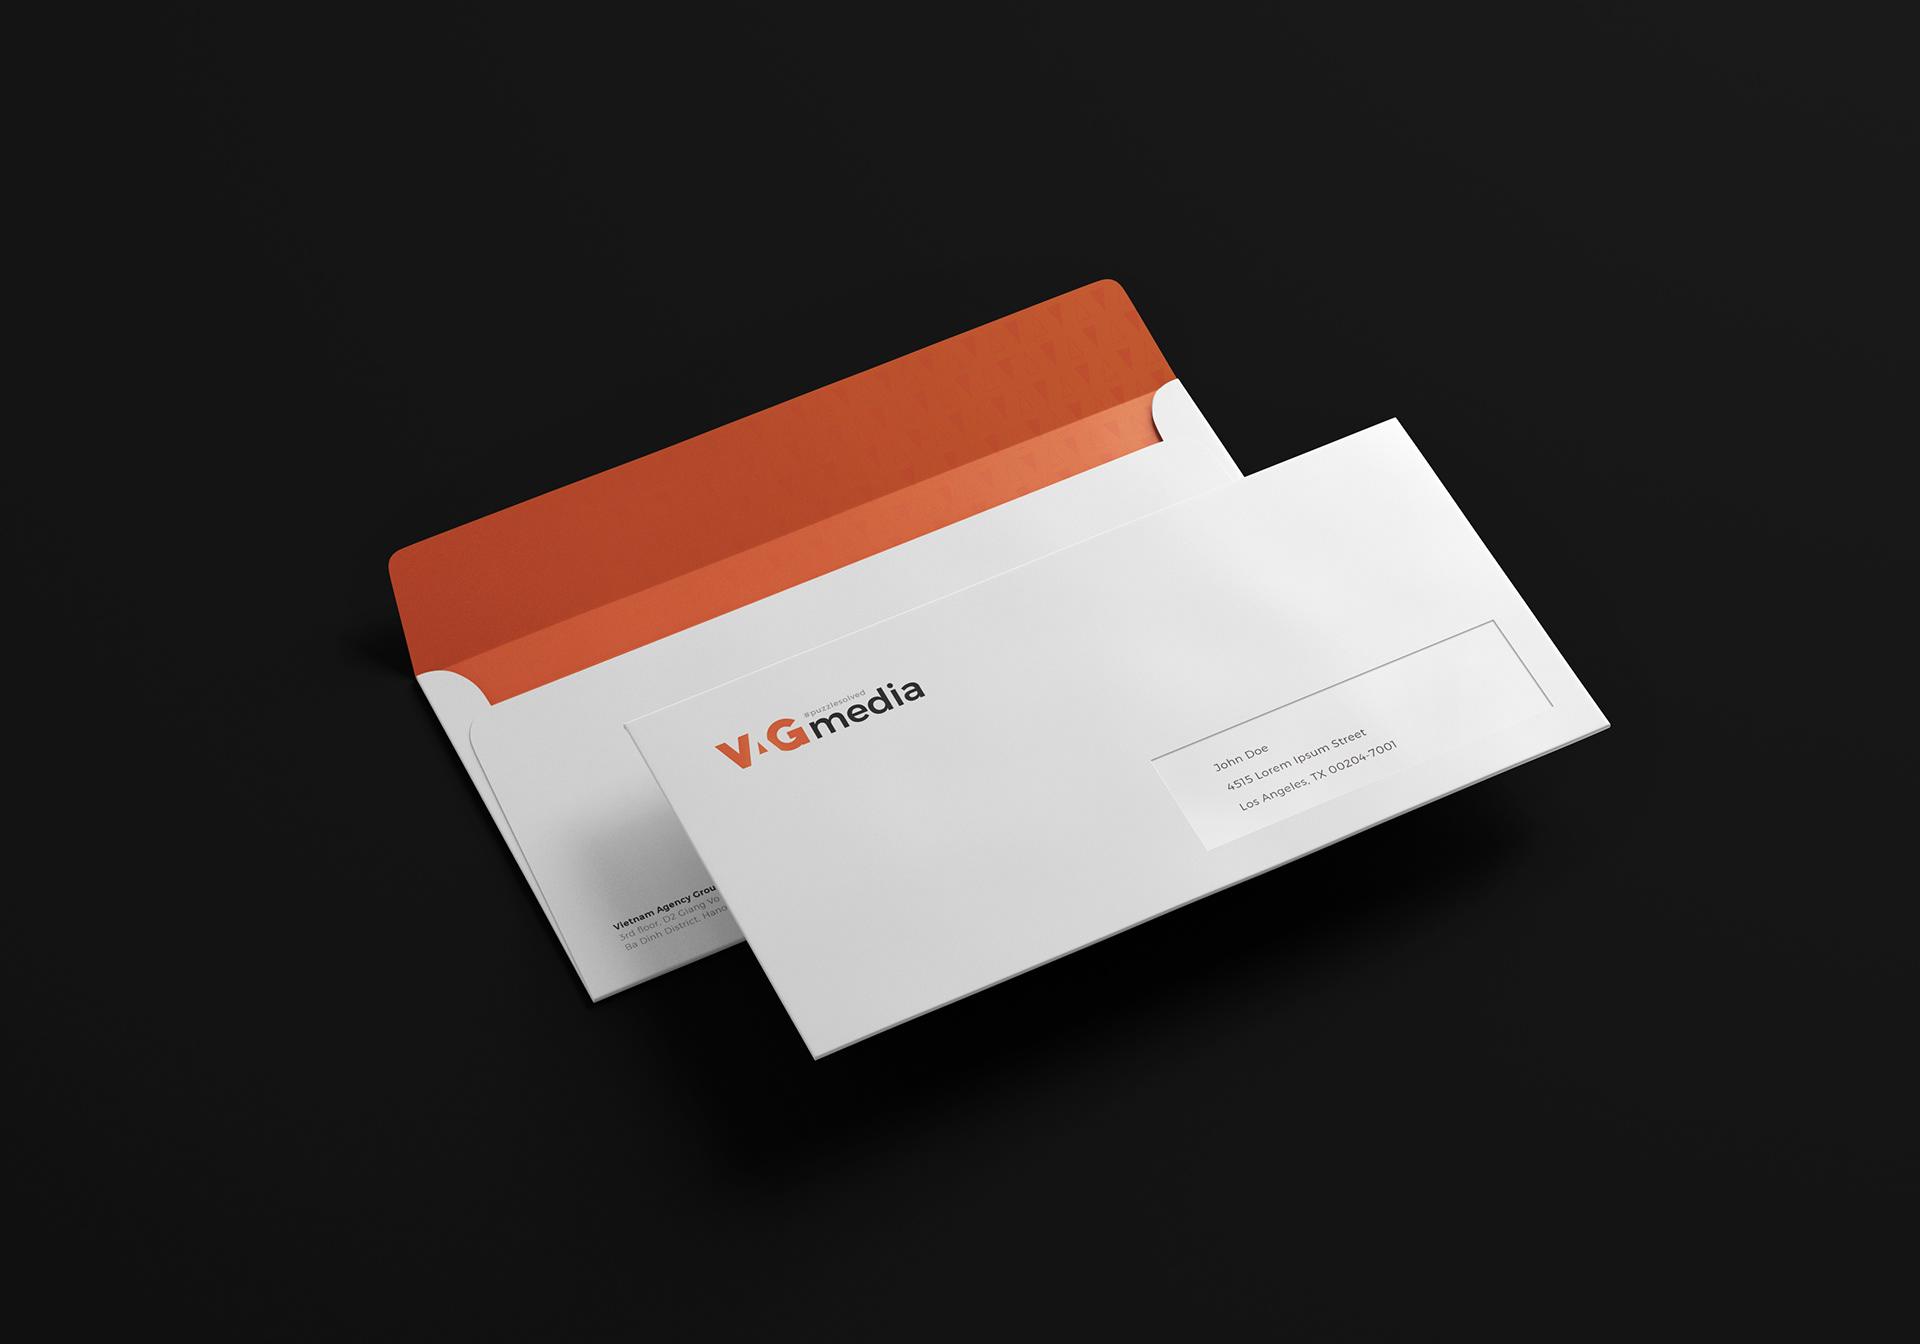 Design Studi- Online, Design Studio Online, DS-O, DSO, dsovn, design studio, studio online, design, studio, dịch vụ thiết kế đồ họa chuyên nghiệp, dịch vụ graphic design, dịch vụ design, dịch vụ tư vấn định hướng hình ảnh chuyên nghiệp, dịch vụ thiết kế nhận diện thương hiệu, dịch vụ thiết kế hệ thống nhận diện thương hiệu, dịch vụ thiết kế visual identity, dịch vụ thiết kế logo, dịch vụ thiết kế biểu tượng thương hiệu, dịch vụ thiết kế logosymbol, dịch vụ thiết kế logotype, dịch vụ thiết kế bản sắc thương hiệu, dịch vụ thiết kế pattern, dịch vụ thiết kế hoạ tiết, dịch vụ thiết kế ứng dụng thương hiệu, dịch vụ thiết kế guidelines thương hiệu, dịch vụ thiết kế ấn phẩm văn phòng, dịch vụ thiết kế danh thiếp, dịch vụ thiết kế tiêu đề thư, dịch vụ thiết kế phong bì, dịch vụ thiết kế kẹp file, dịch vụ thiết kế bìa đĩa cd, dịch vụ thiết kế biển hiệu.